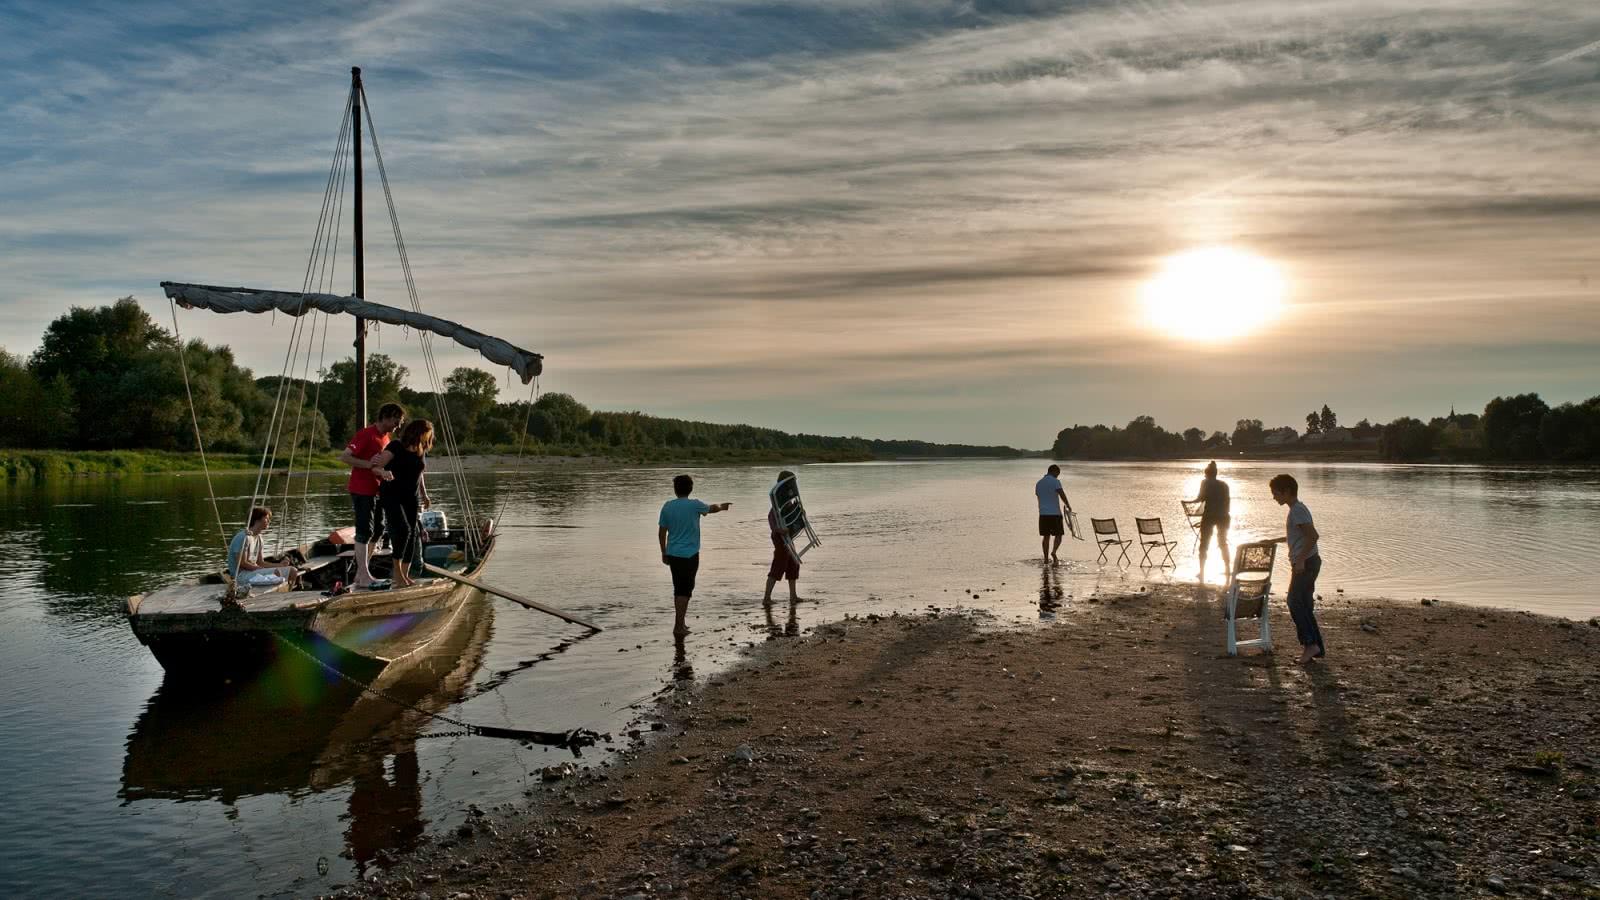 Balade sur la Loire au crépuscule avec l'association Milière Raboton - Chaumont-sur-Loire en Loir-et-Cher Val de Loire - Vacances en famille ou escapade amoureuse